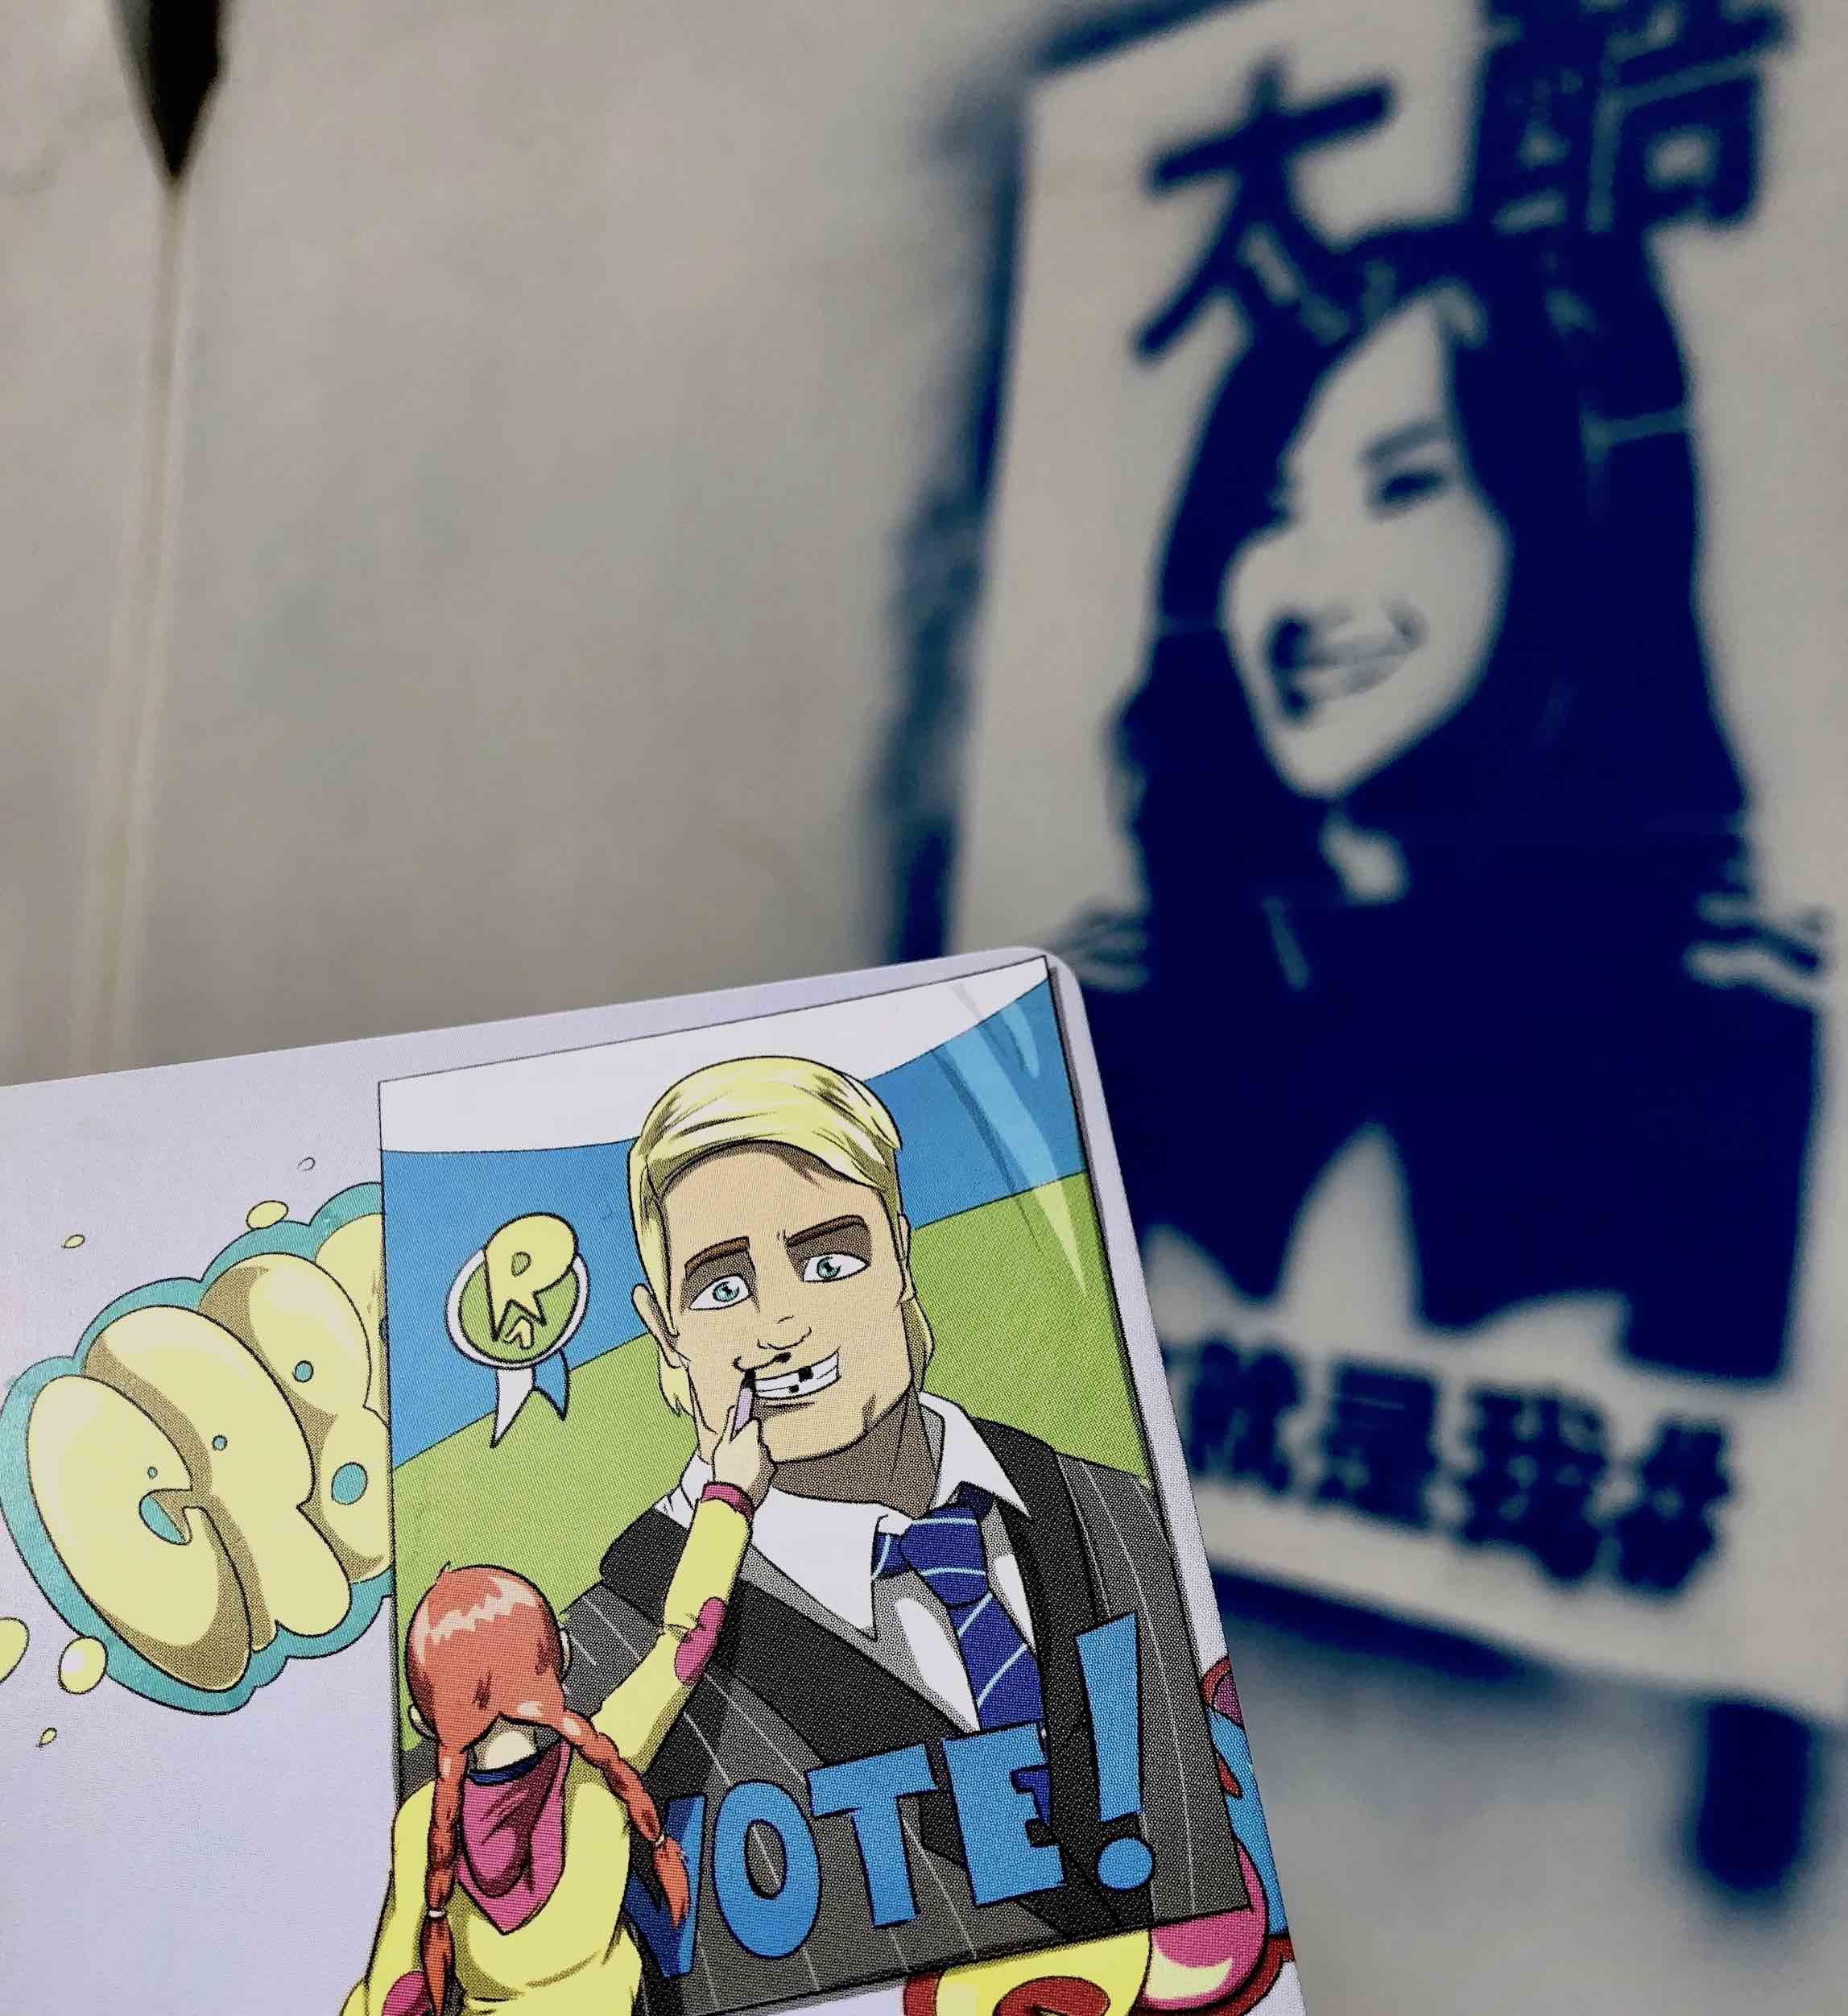 Plakat wyborczy StoryBits